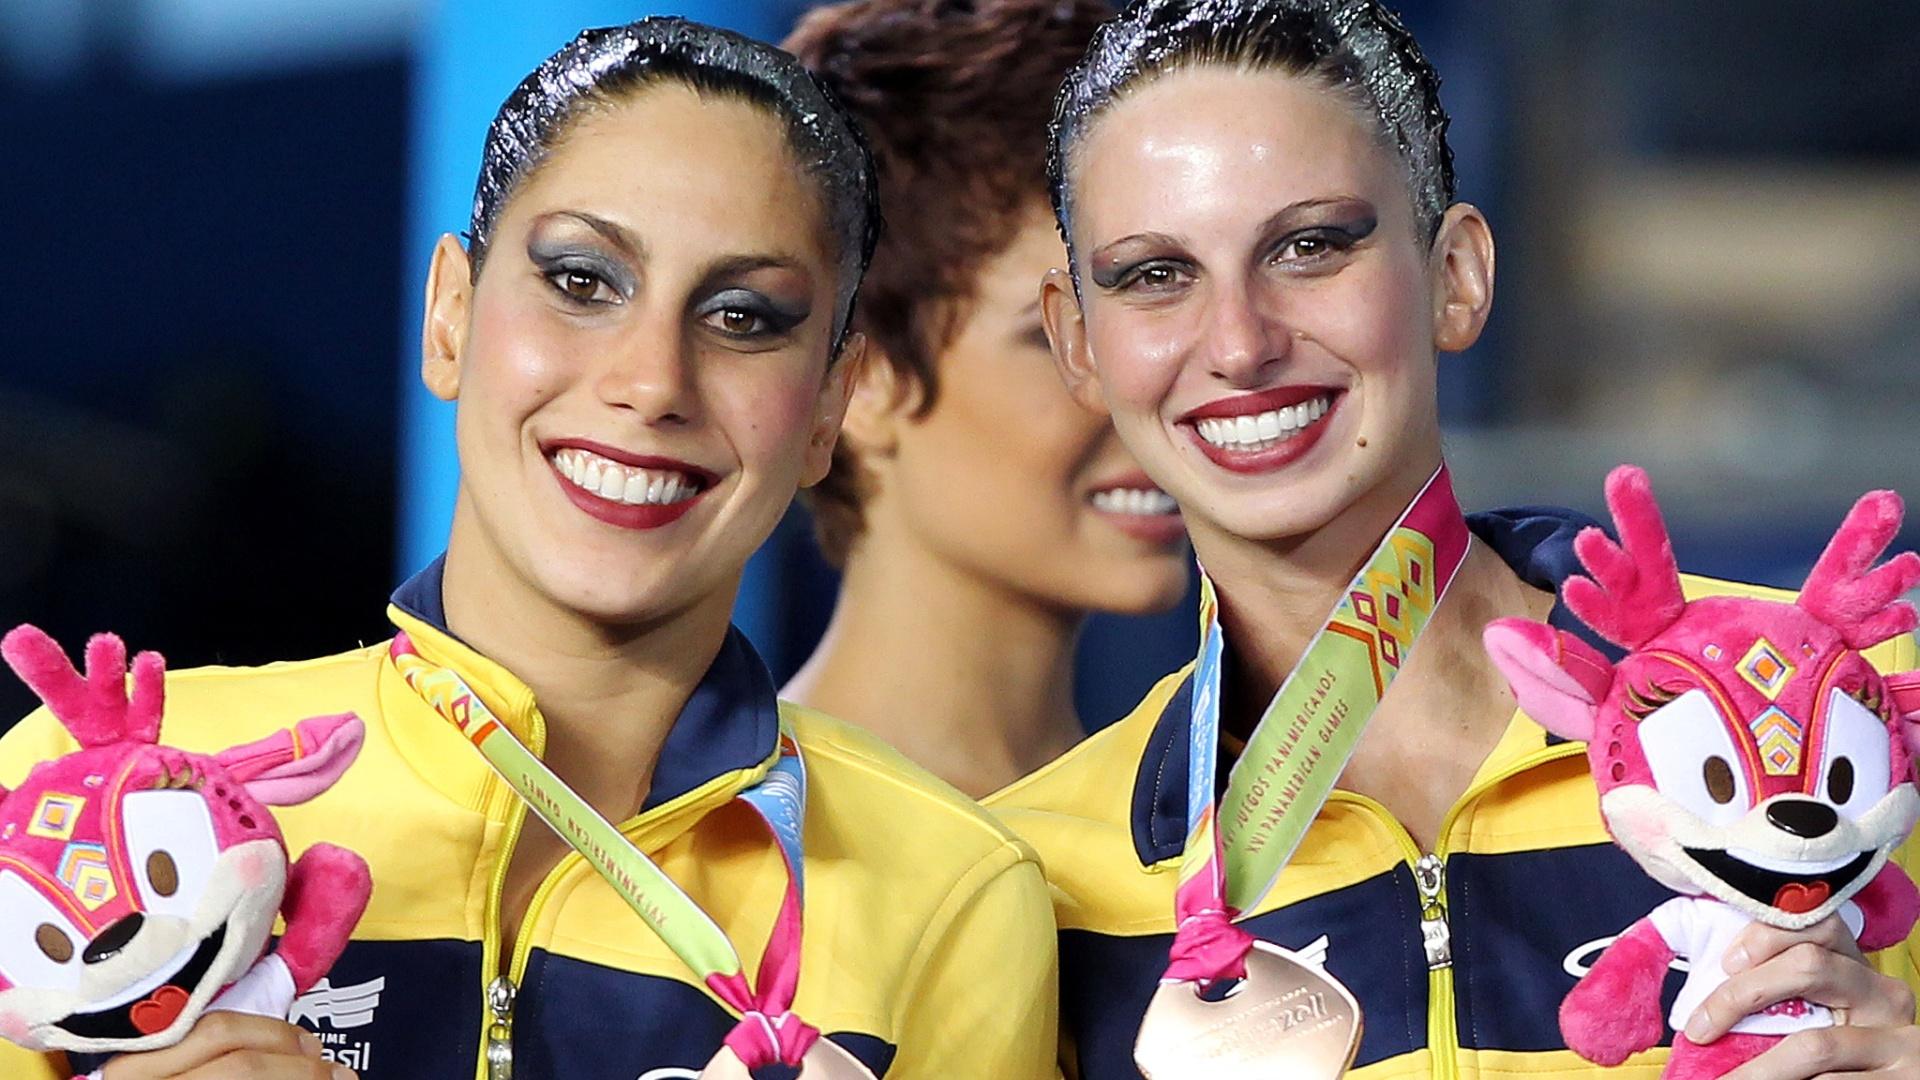 Lara Teixeira e Nayara Figueira mostram o bronze conquistado no dueto do nado sincronizado, nesta quinta-feira